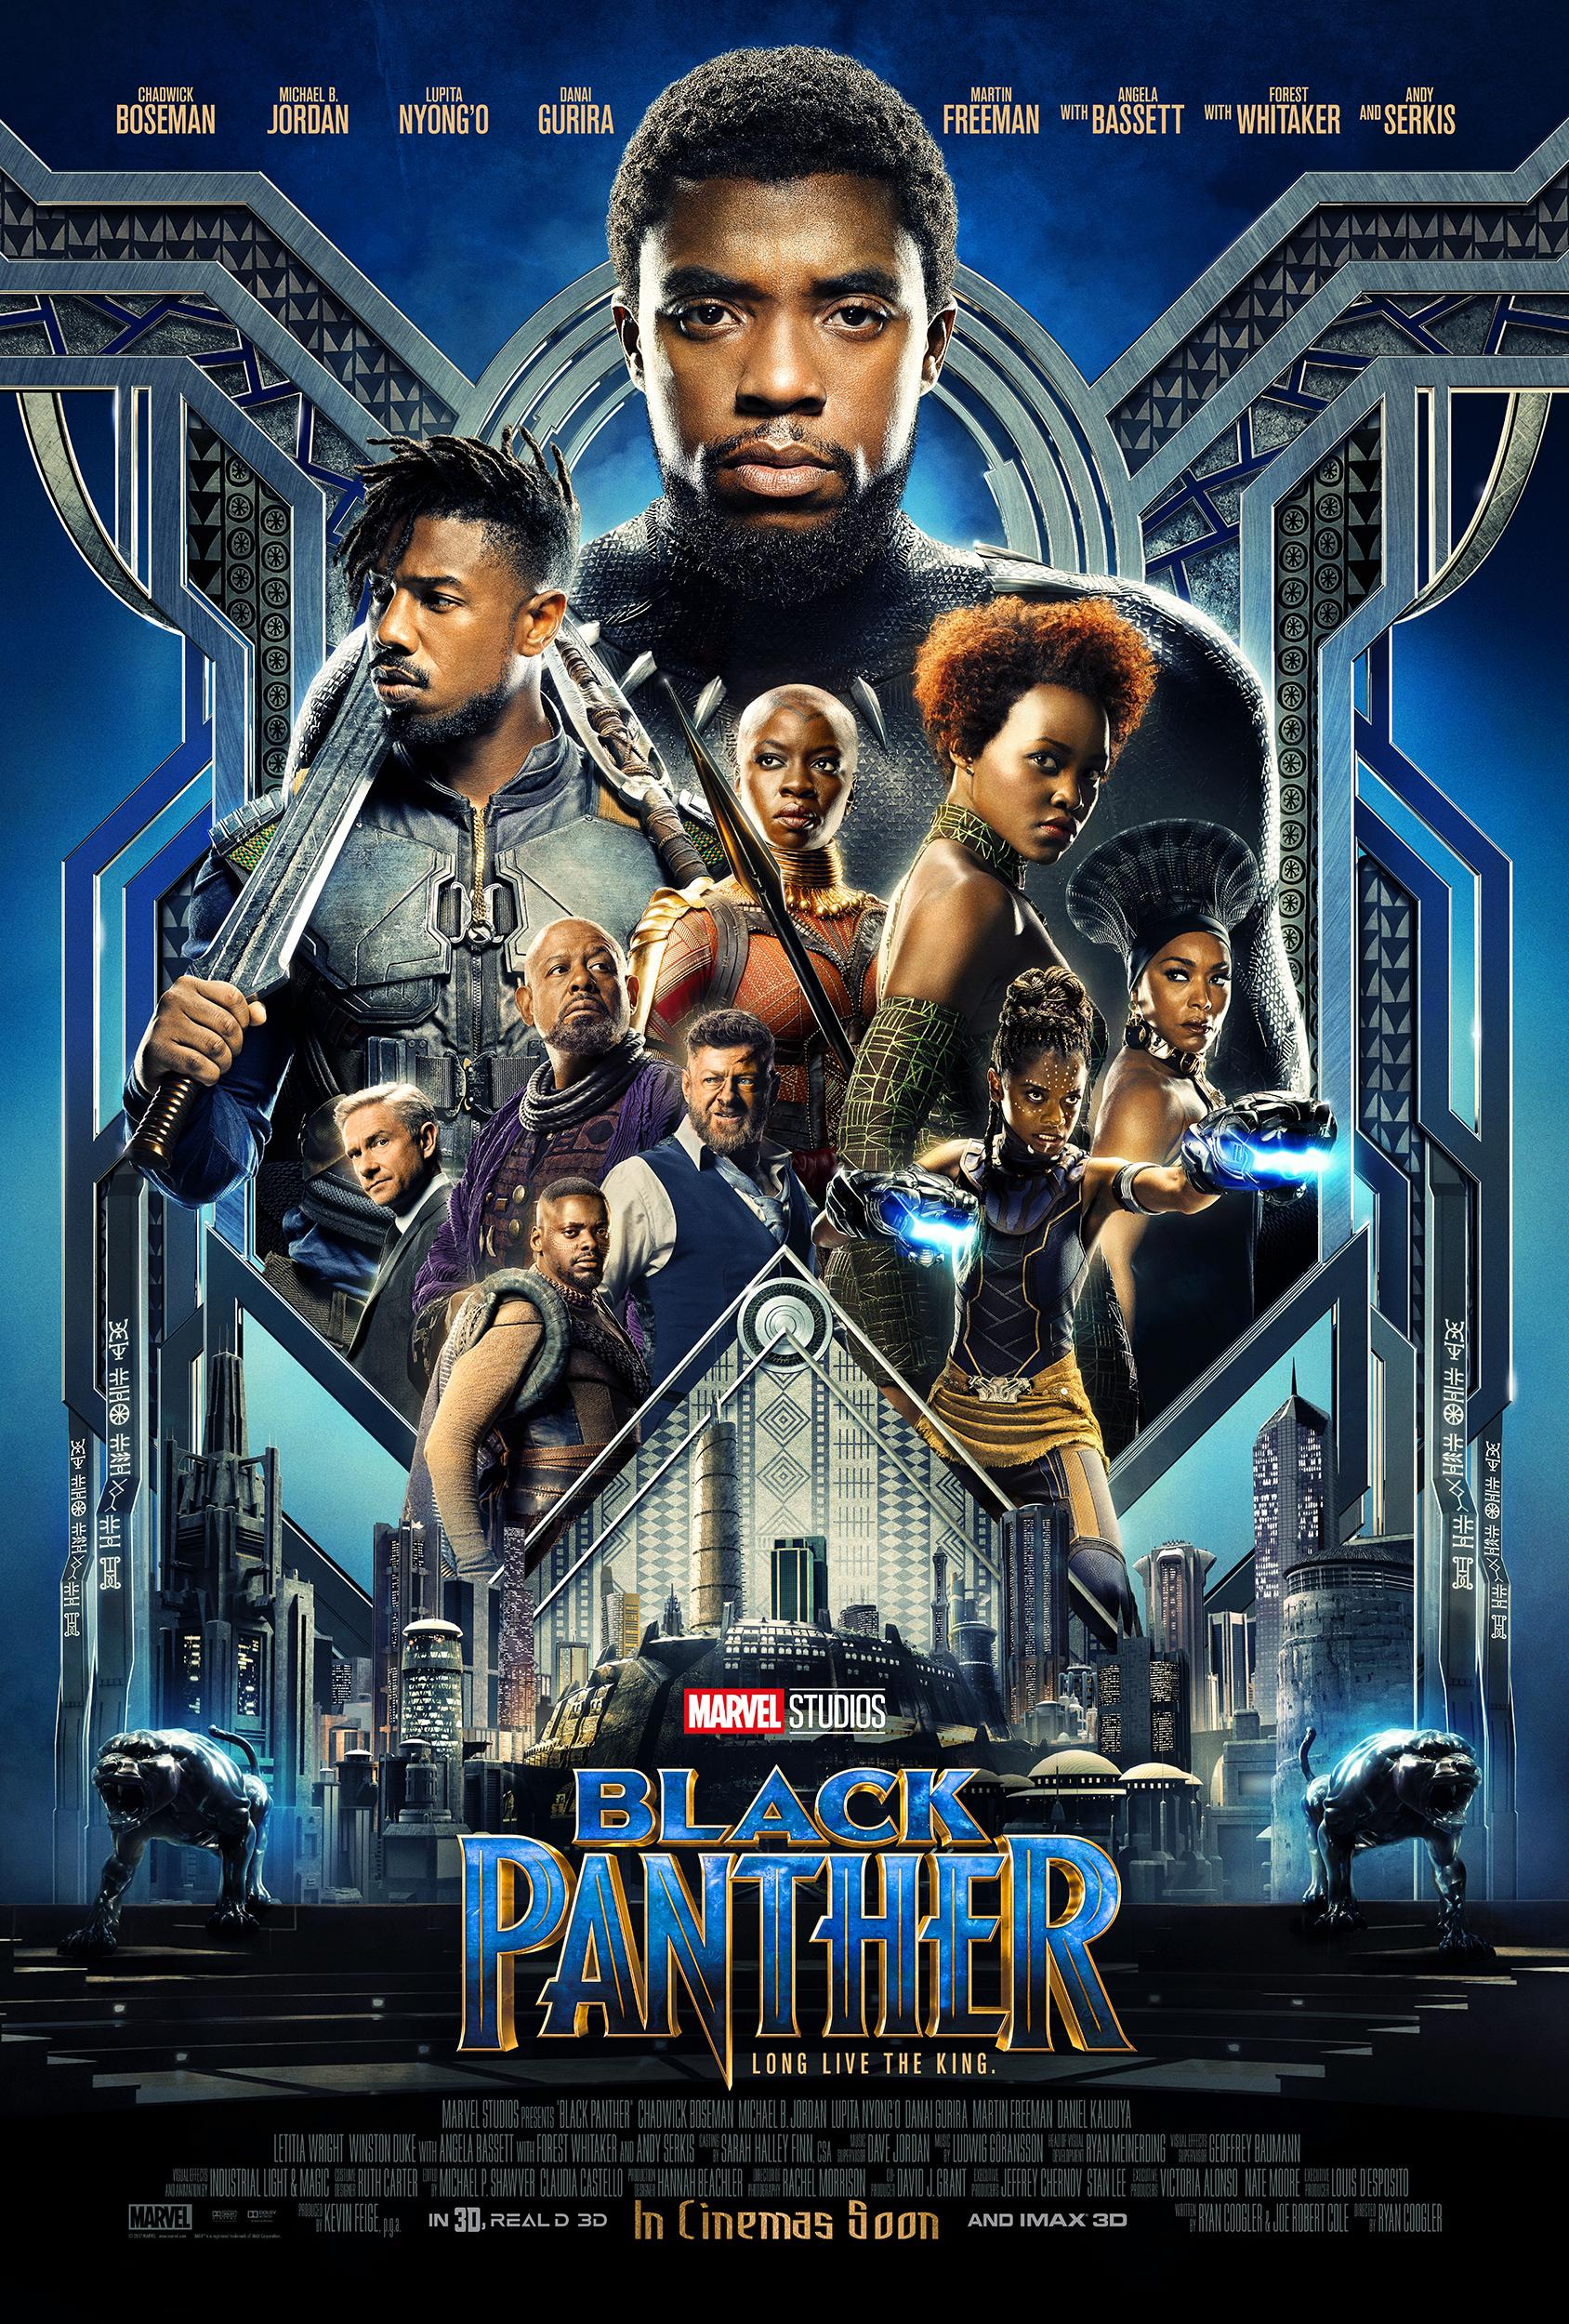 black panther - critique